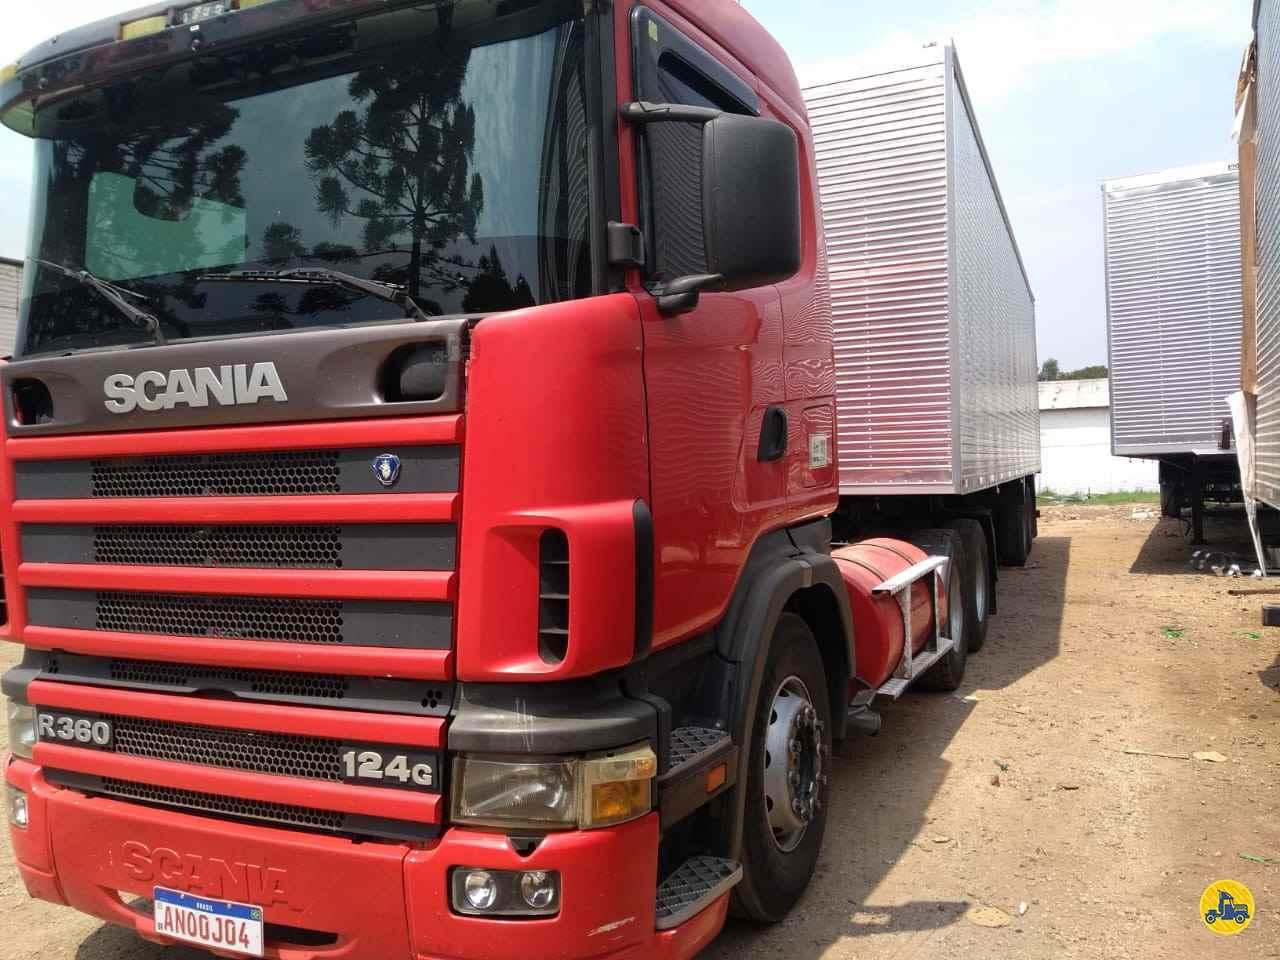 CAMINHAO SCANIA SCANIA 124 360 Cavalo Mecânico Truck 6x2 Maracavel Londrina Caminhões LONDRINA PARANÁ PR